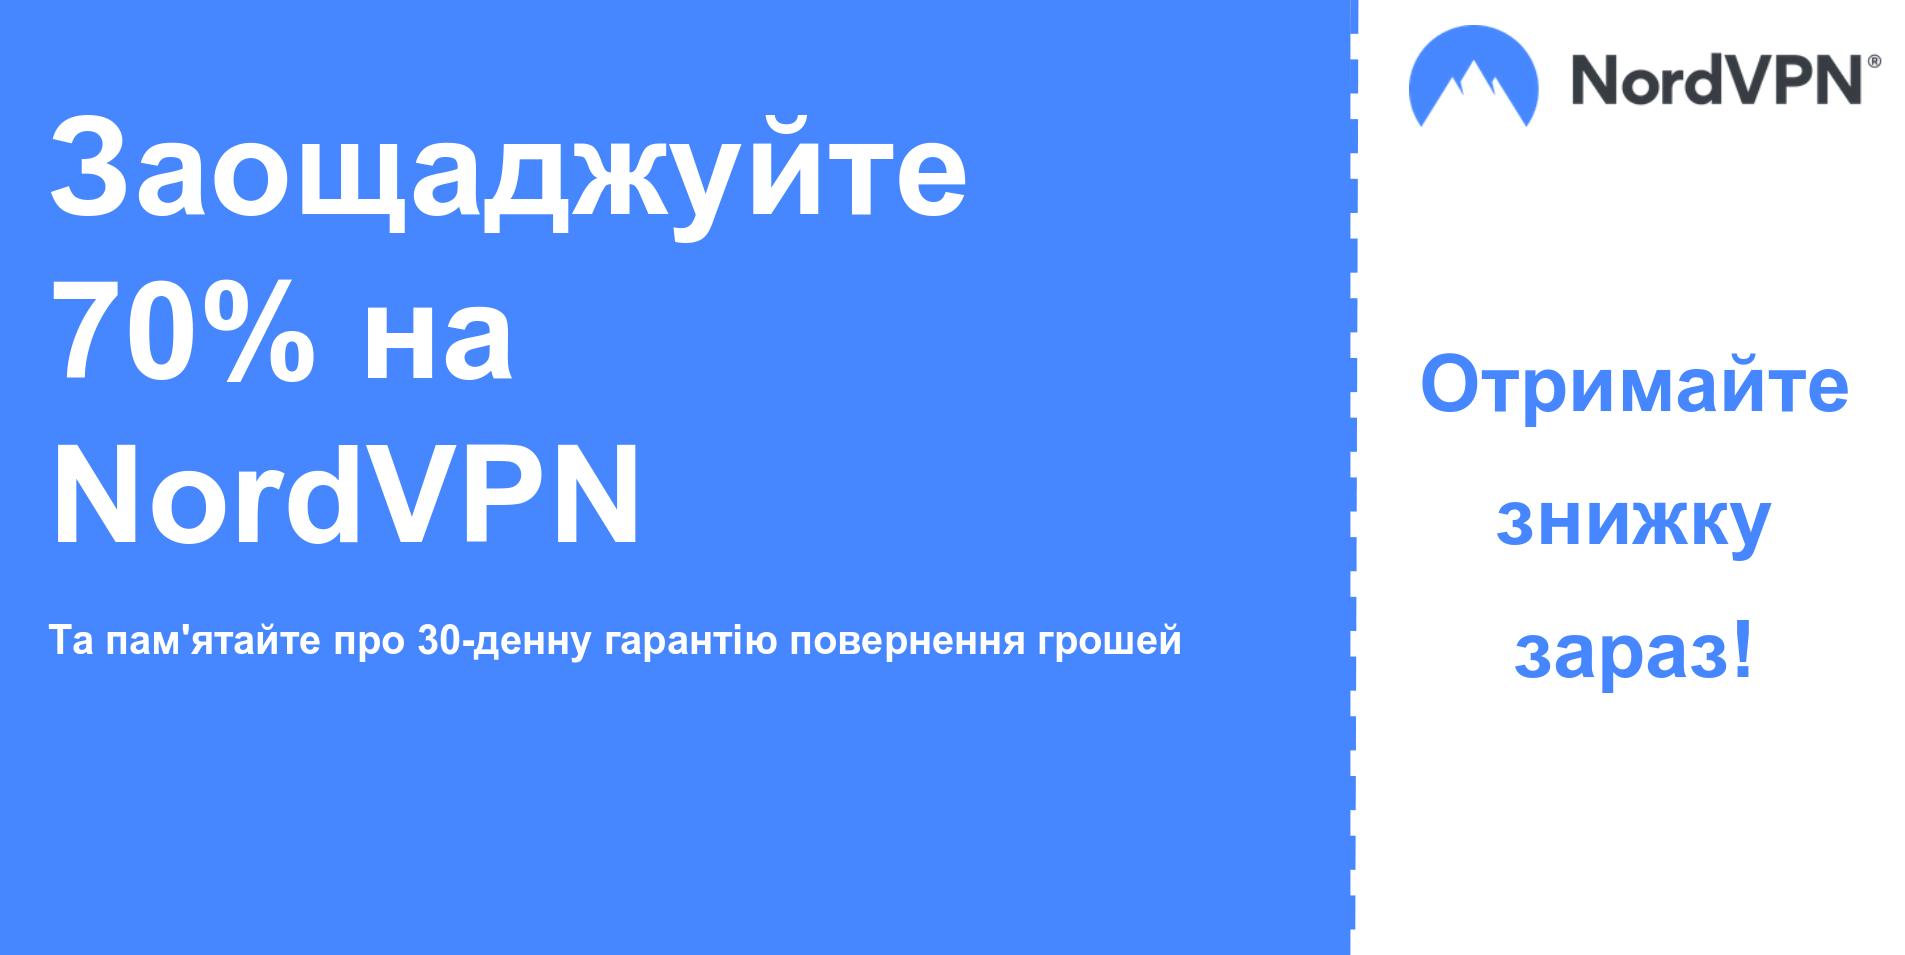 графіка основного банера купона Nordvpn із 70% знижкою